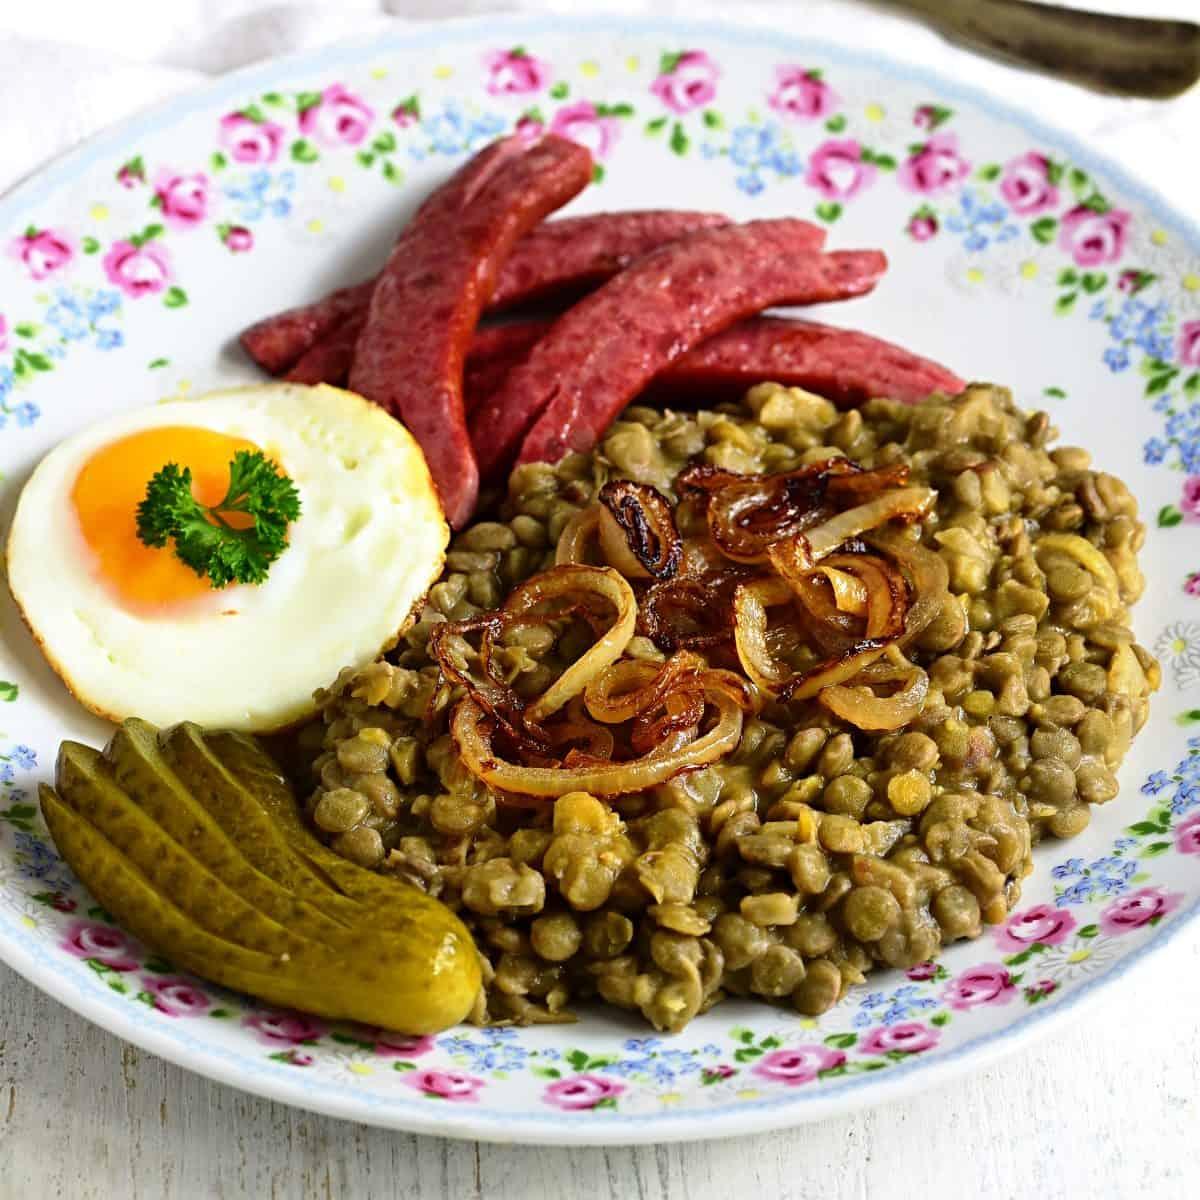 Saure Linsen - tschechische čočka na kyselo serviert mit Ei, eingelegter Gurke und Wurst.